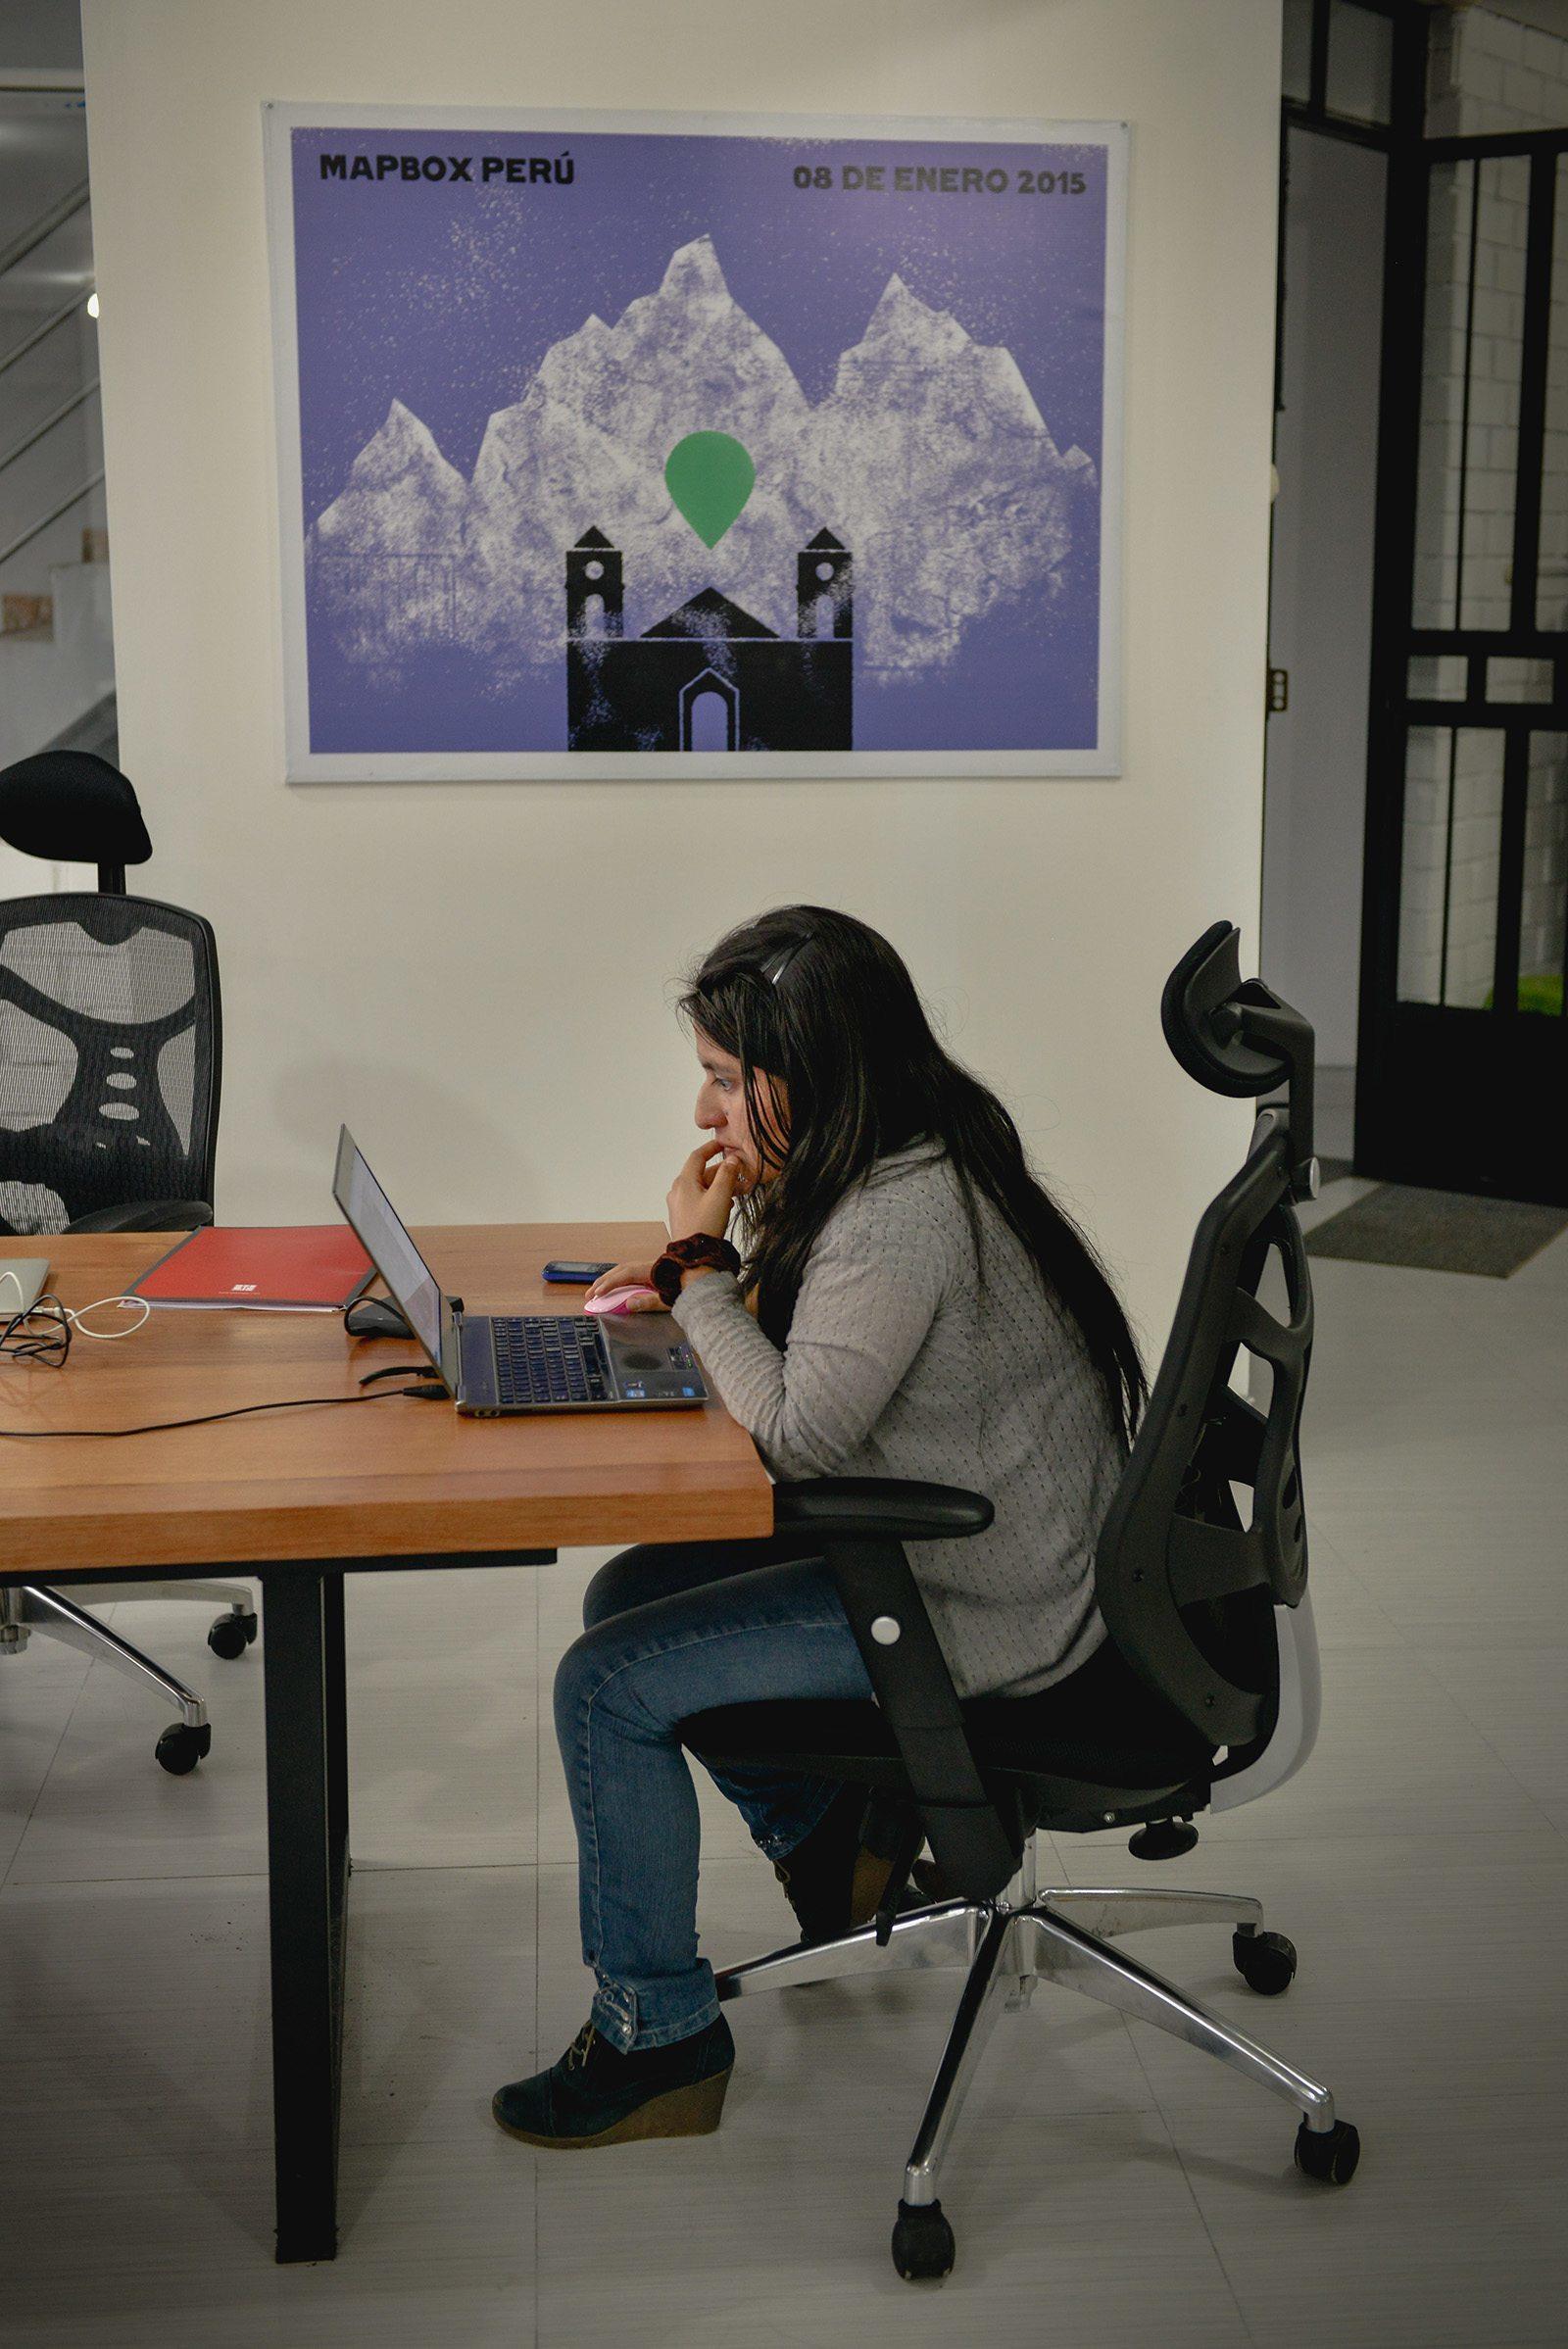 mapbox-office-peru-2